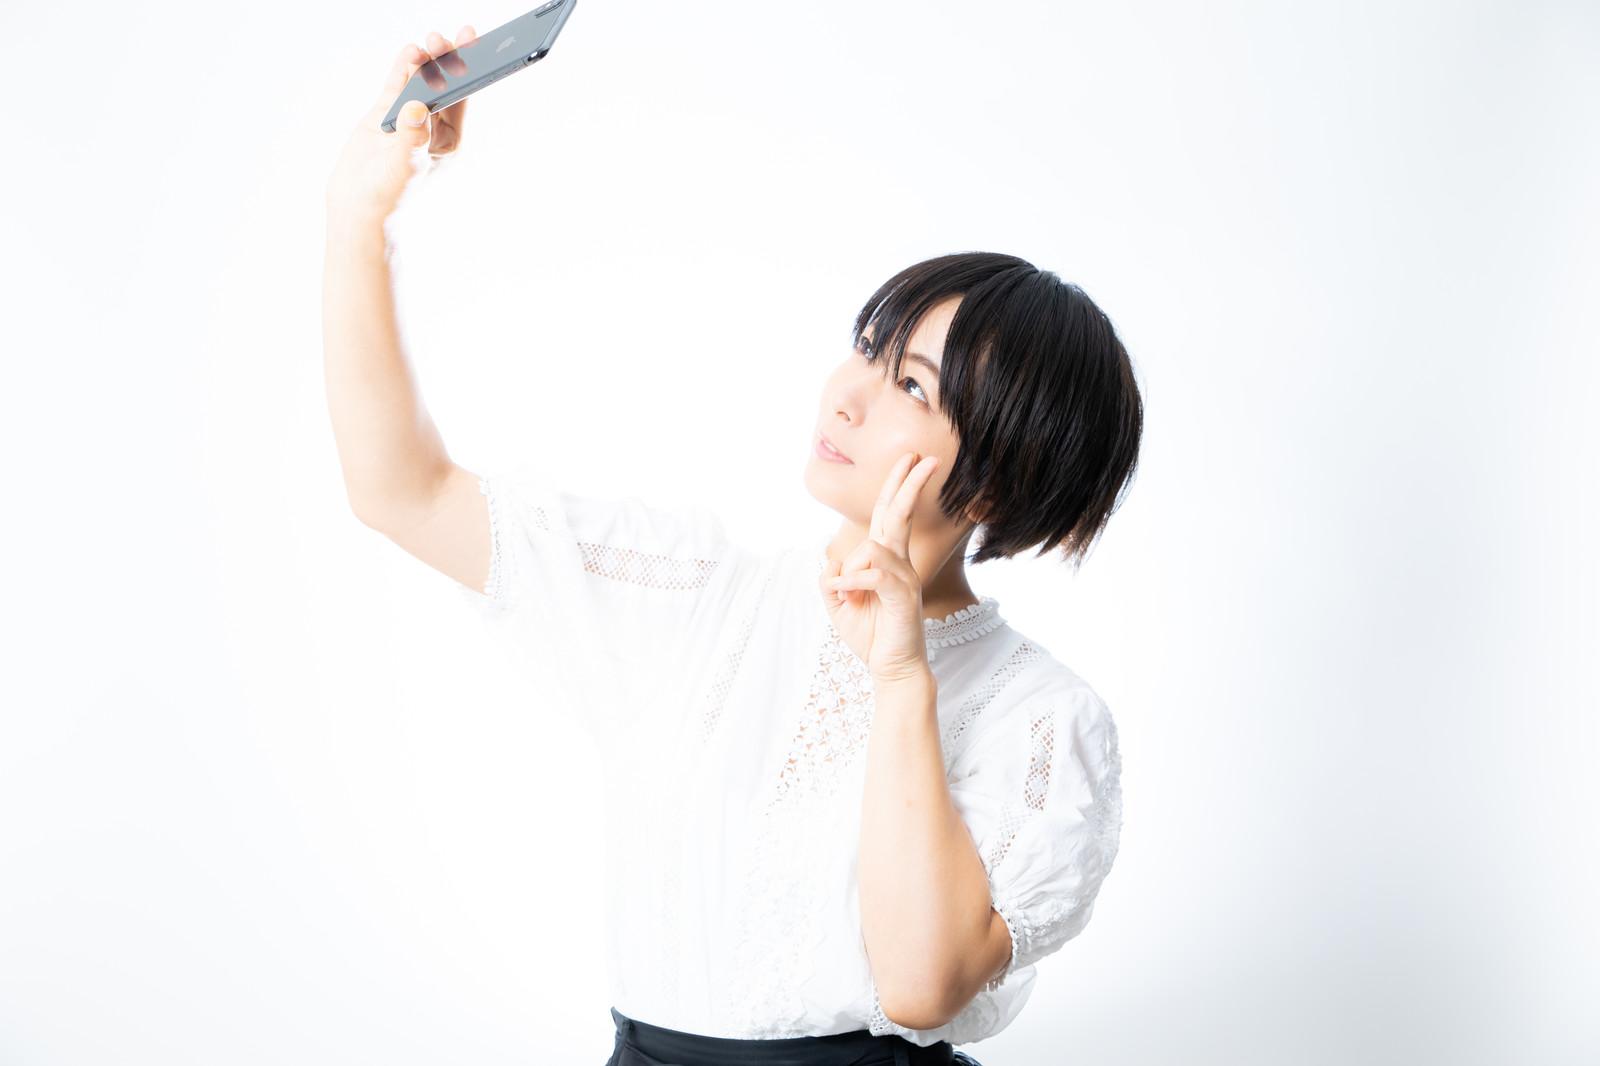 チャットレディのプロフィール画像は写真加工アプリでちょい盛り!